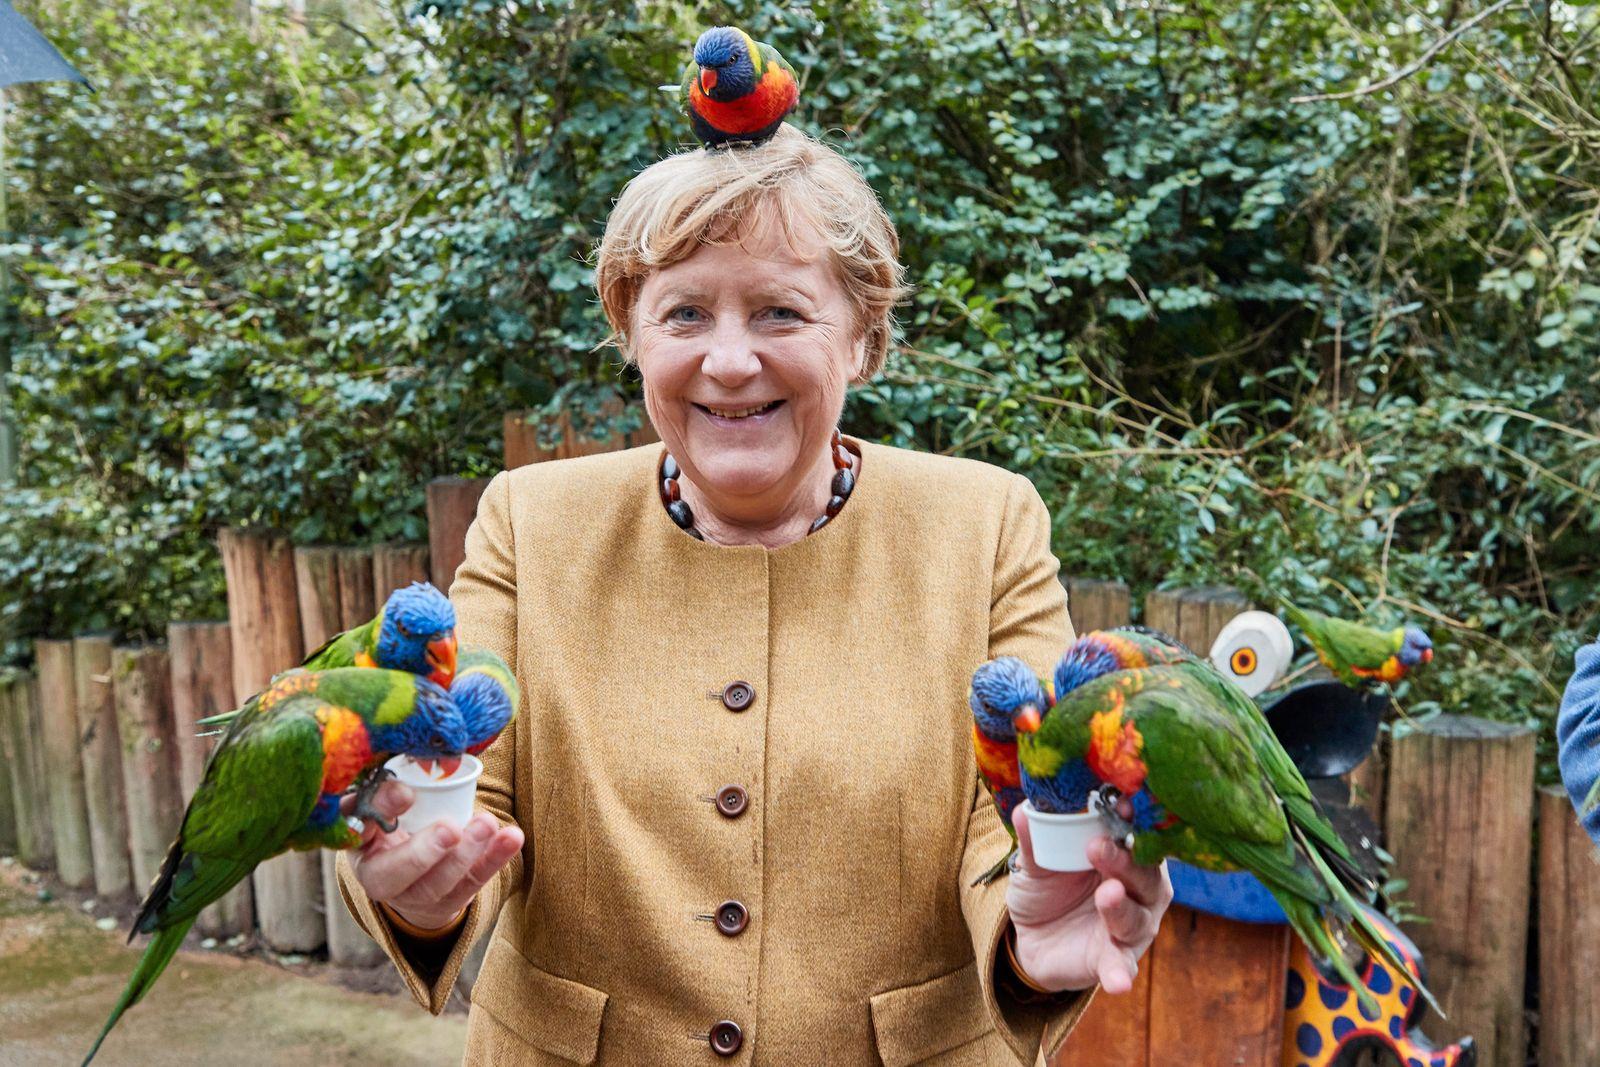 Bundeskanzlerin Angela Merkel besucht den Vogelpark Marlow